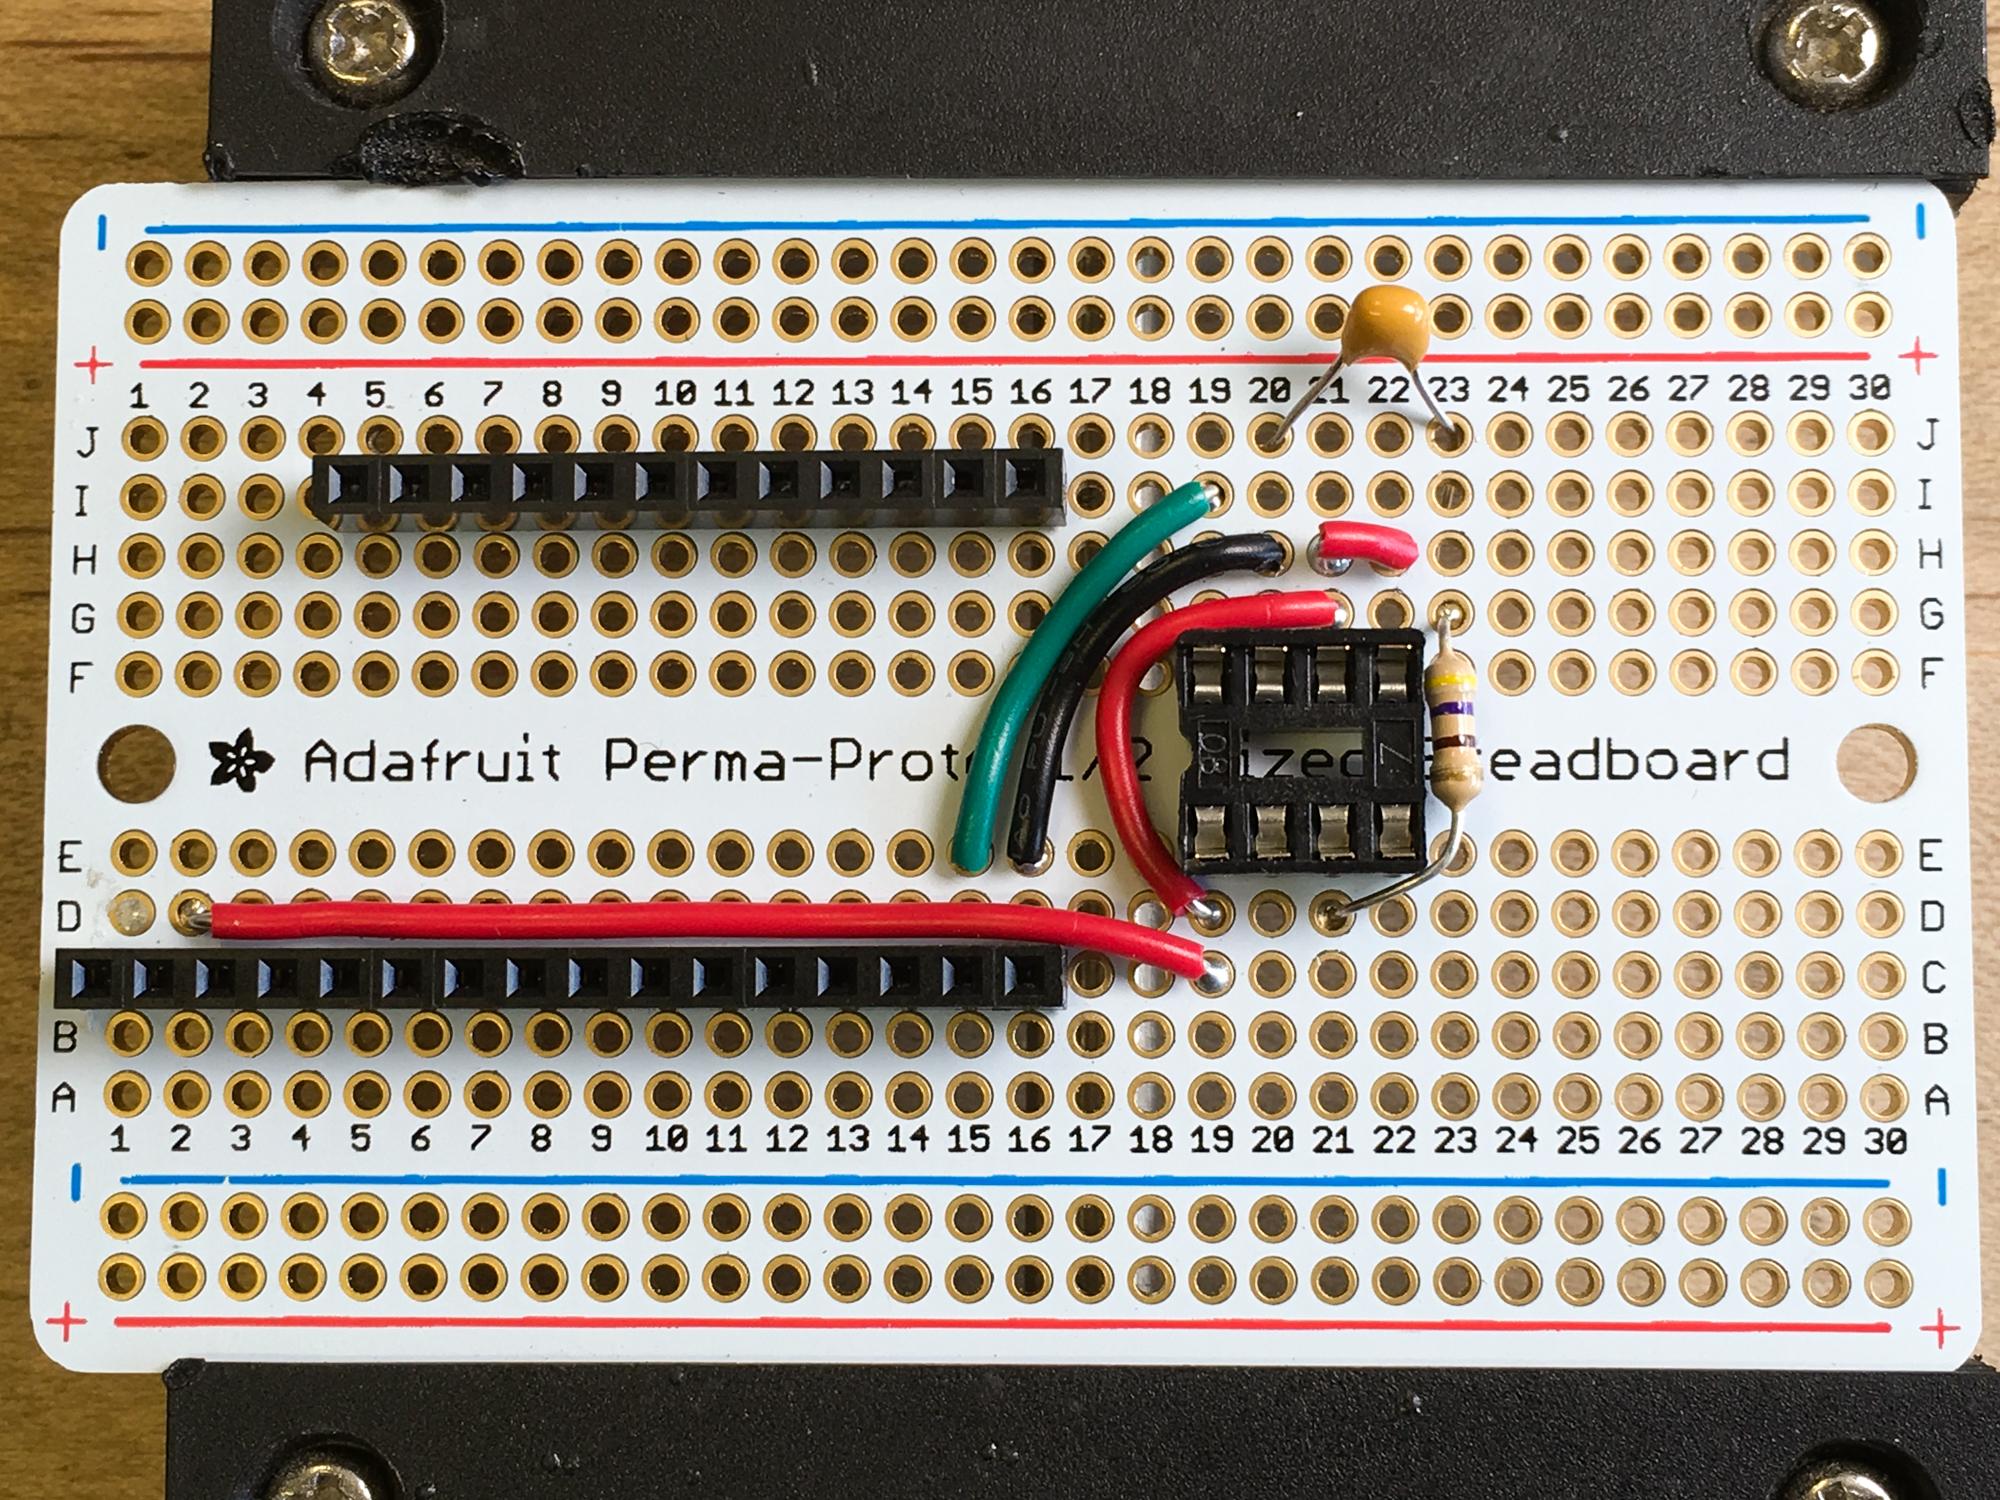 microcontrollers_IMG_1772_2k.jpg